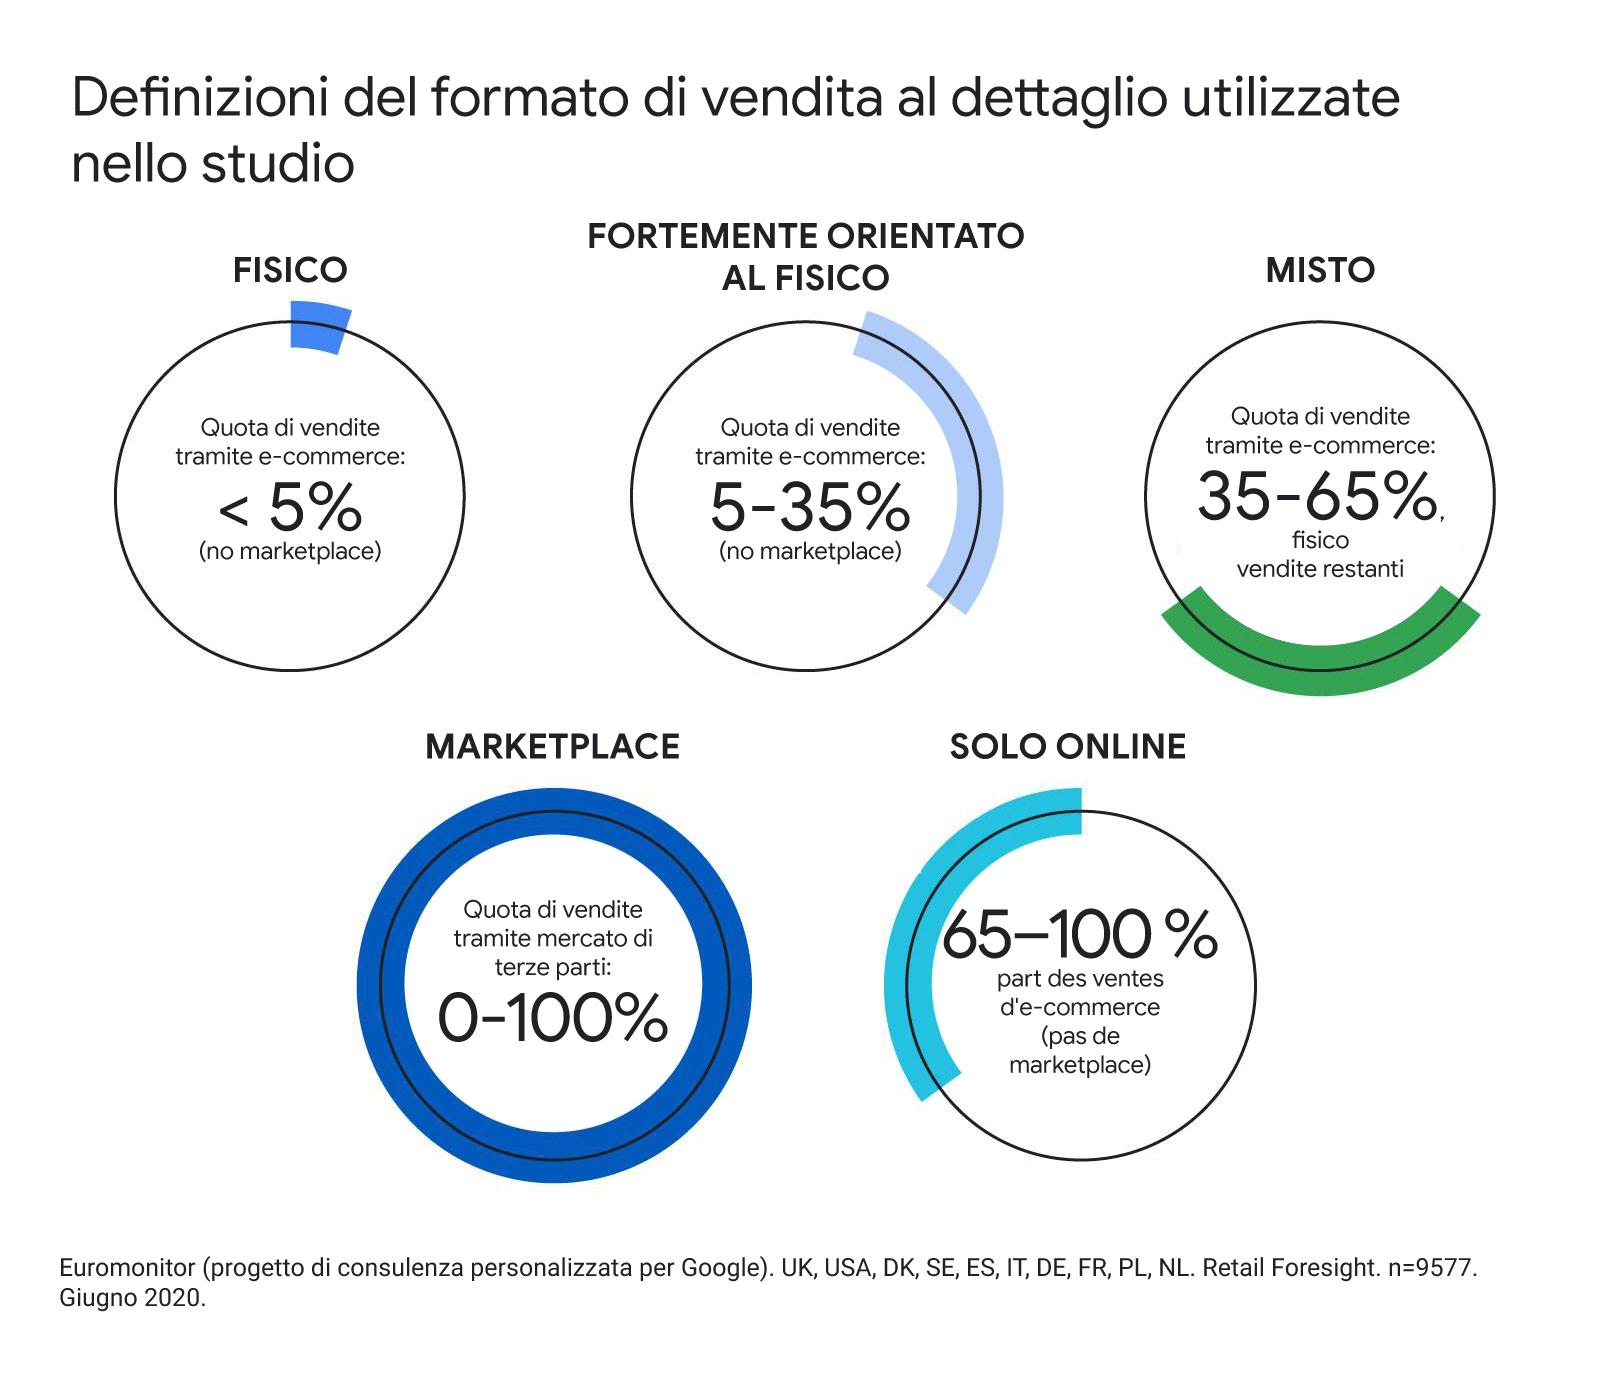 Il futuro della vendita al dettaglio: tre tendenze per orientare la strategia nei prossimi cinque anni